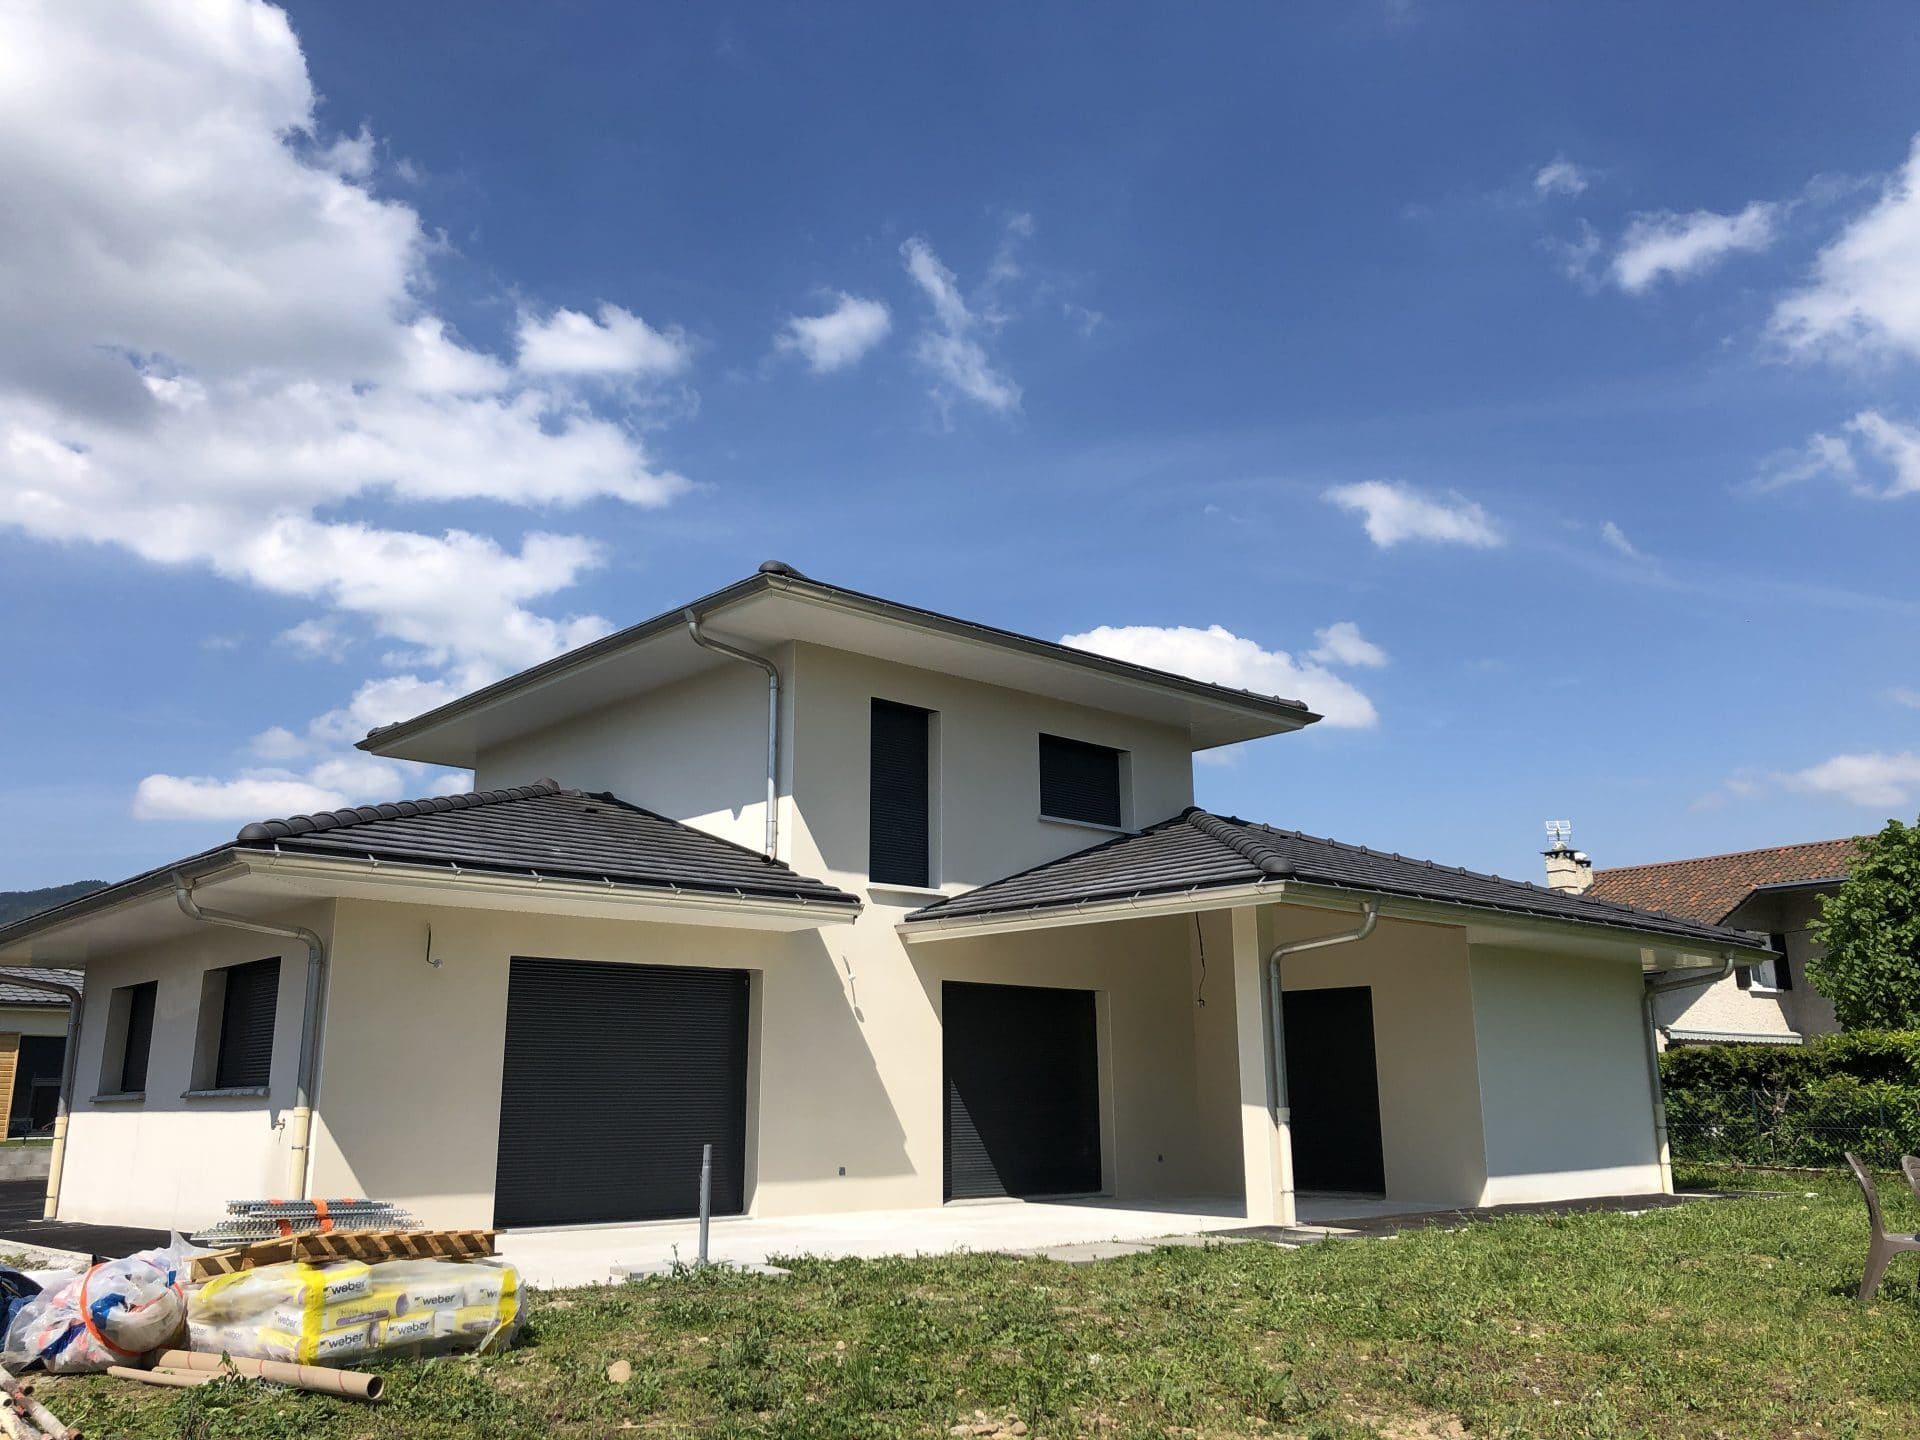 Maison Avec Travaux 77 réalisation d'une façade de maison neuve à grenoble - illico travaux